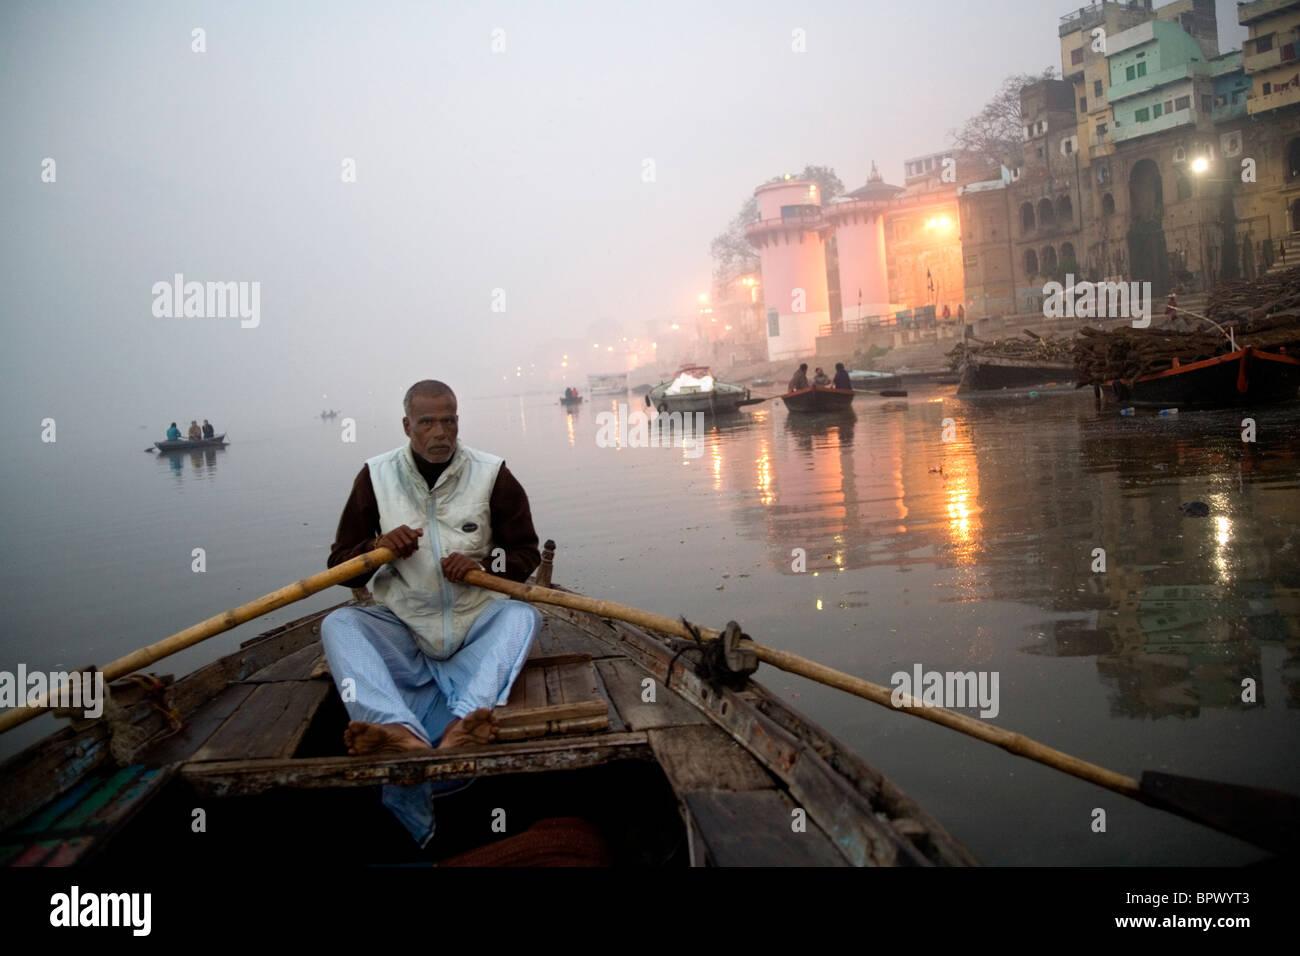 Man rowing a small boat on the River Ganges Varanasi at early morning, Uttar Pradesh, India. - Stock Image